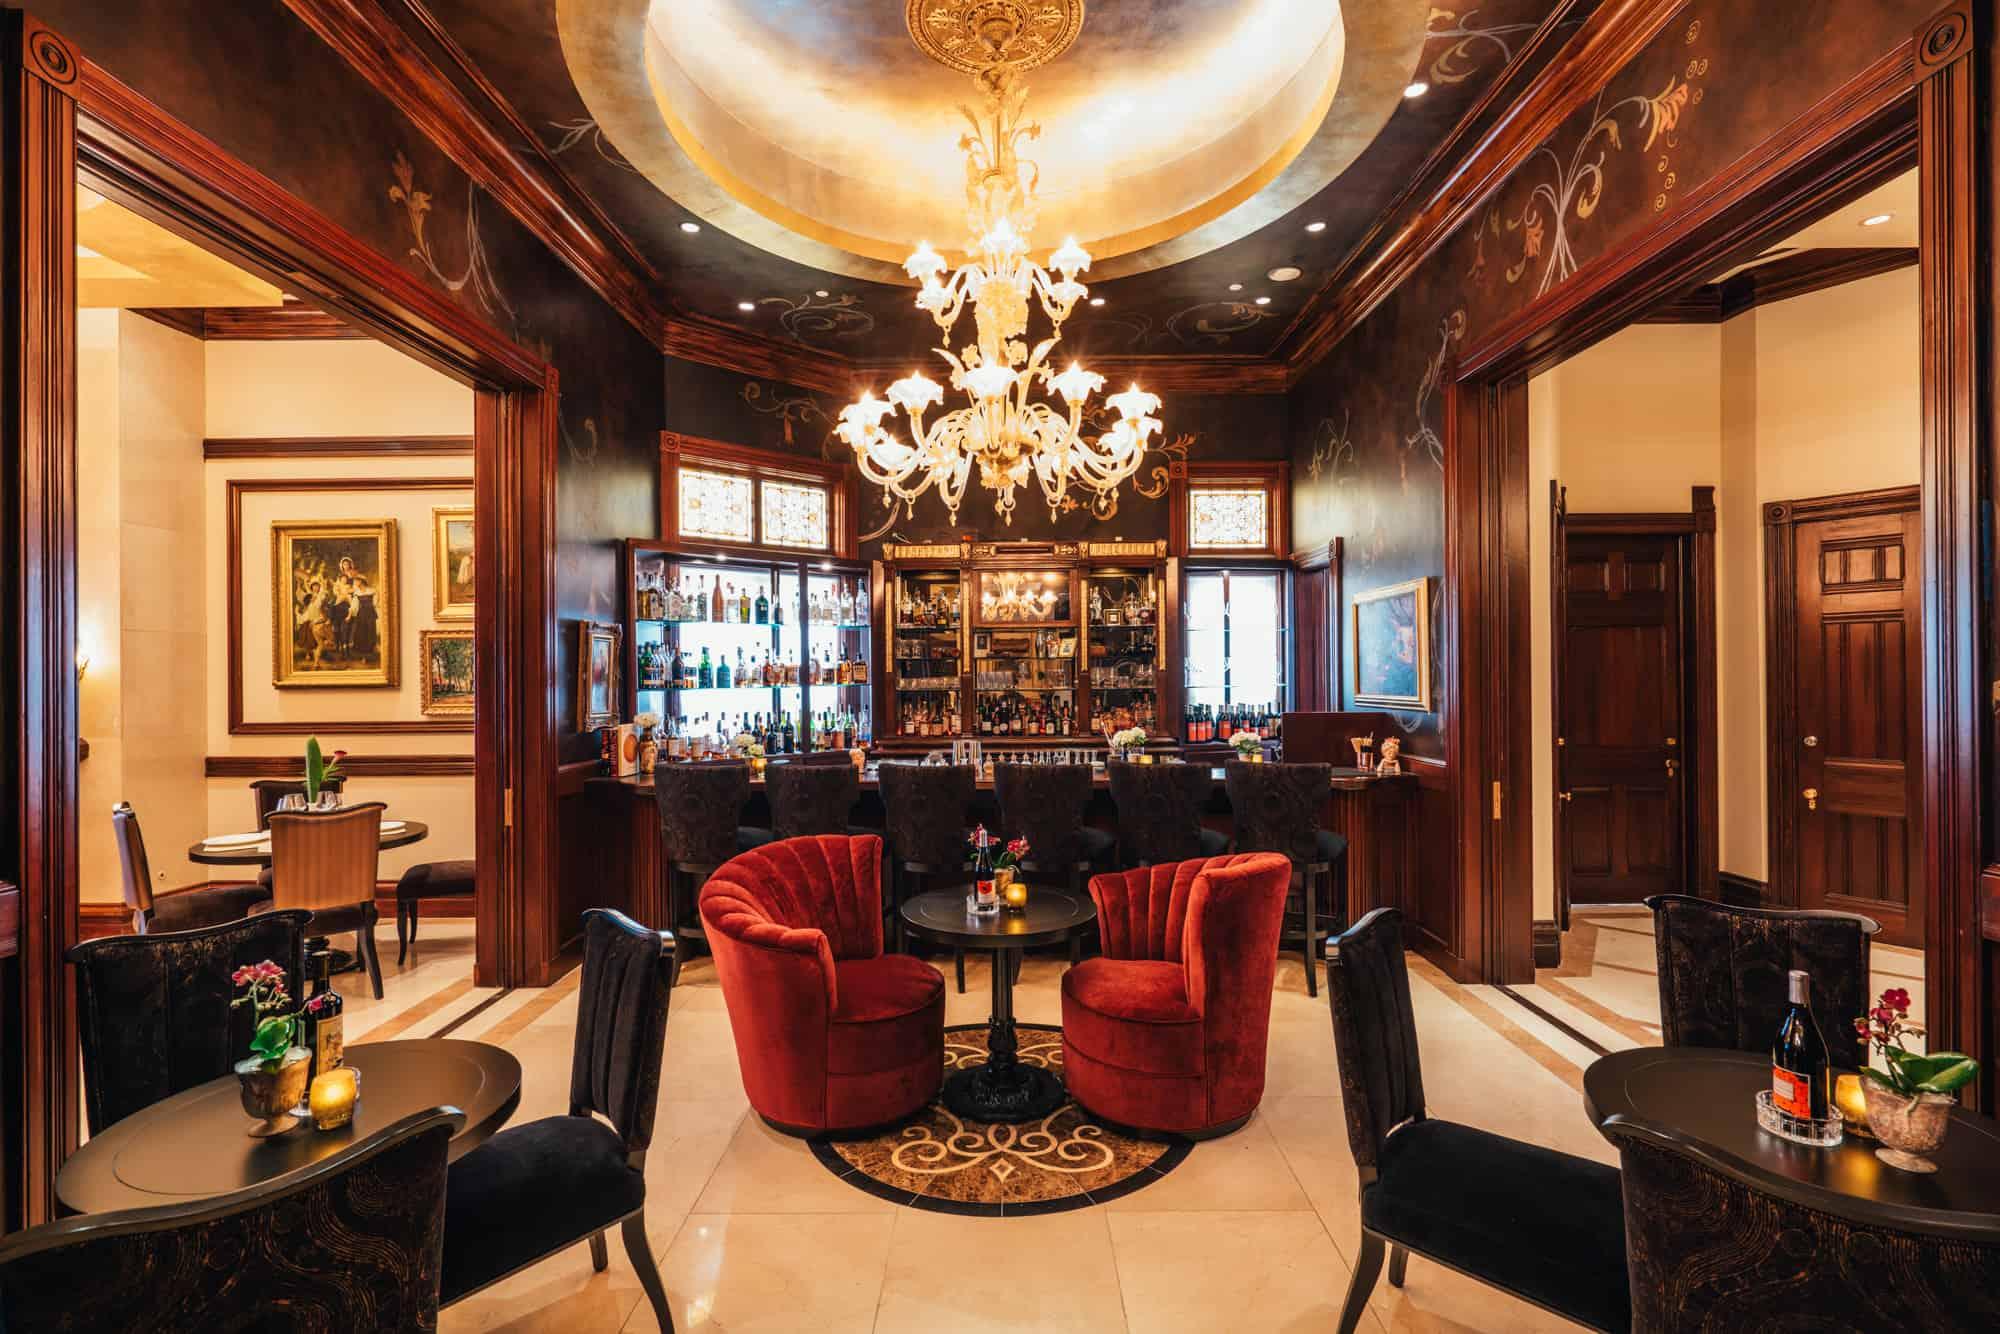 Grand Italian chandelier